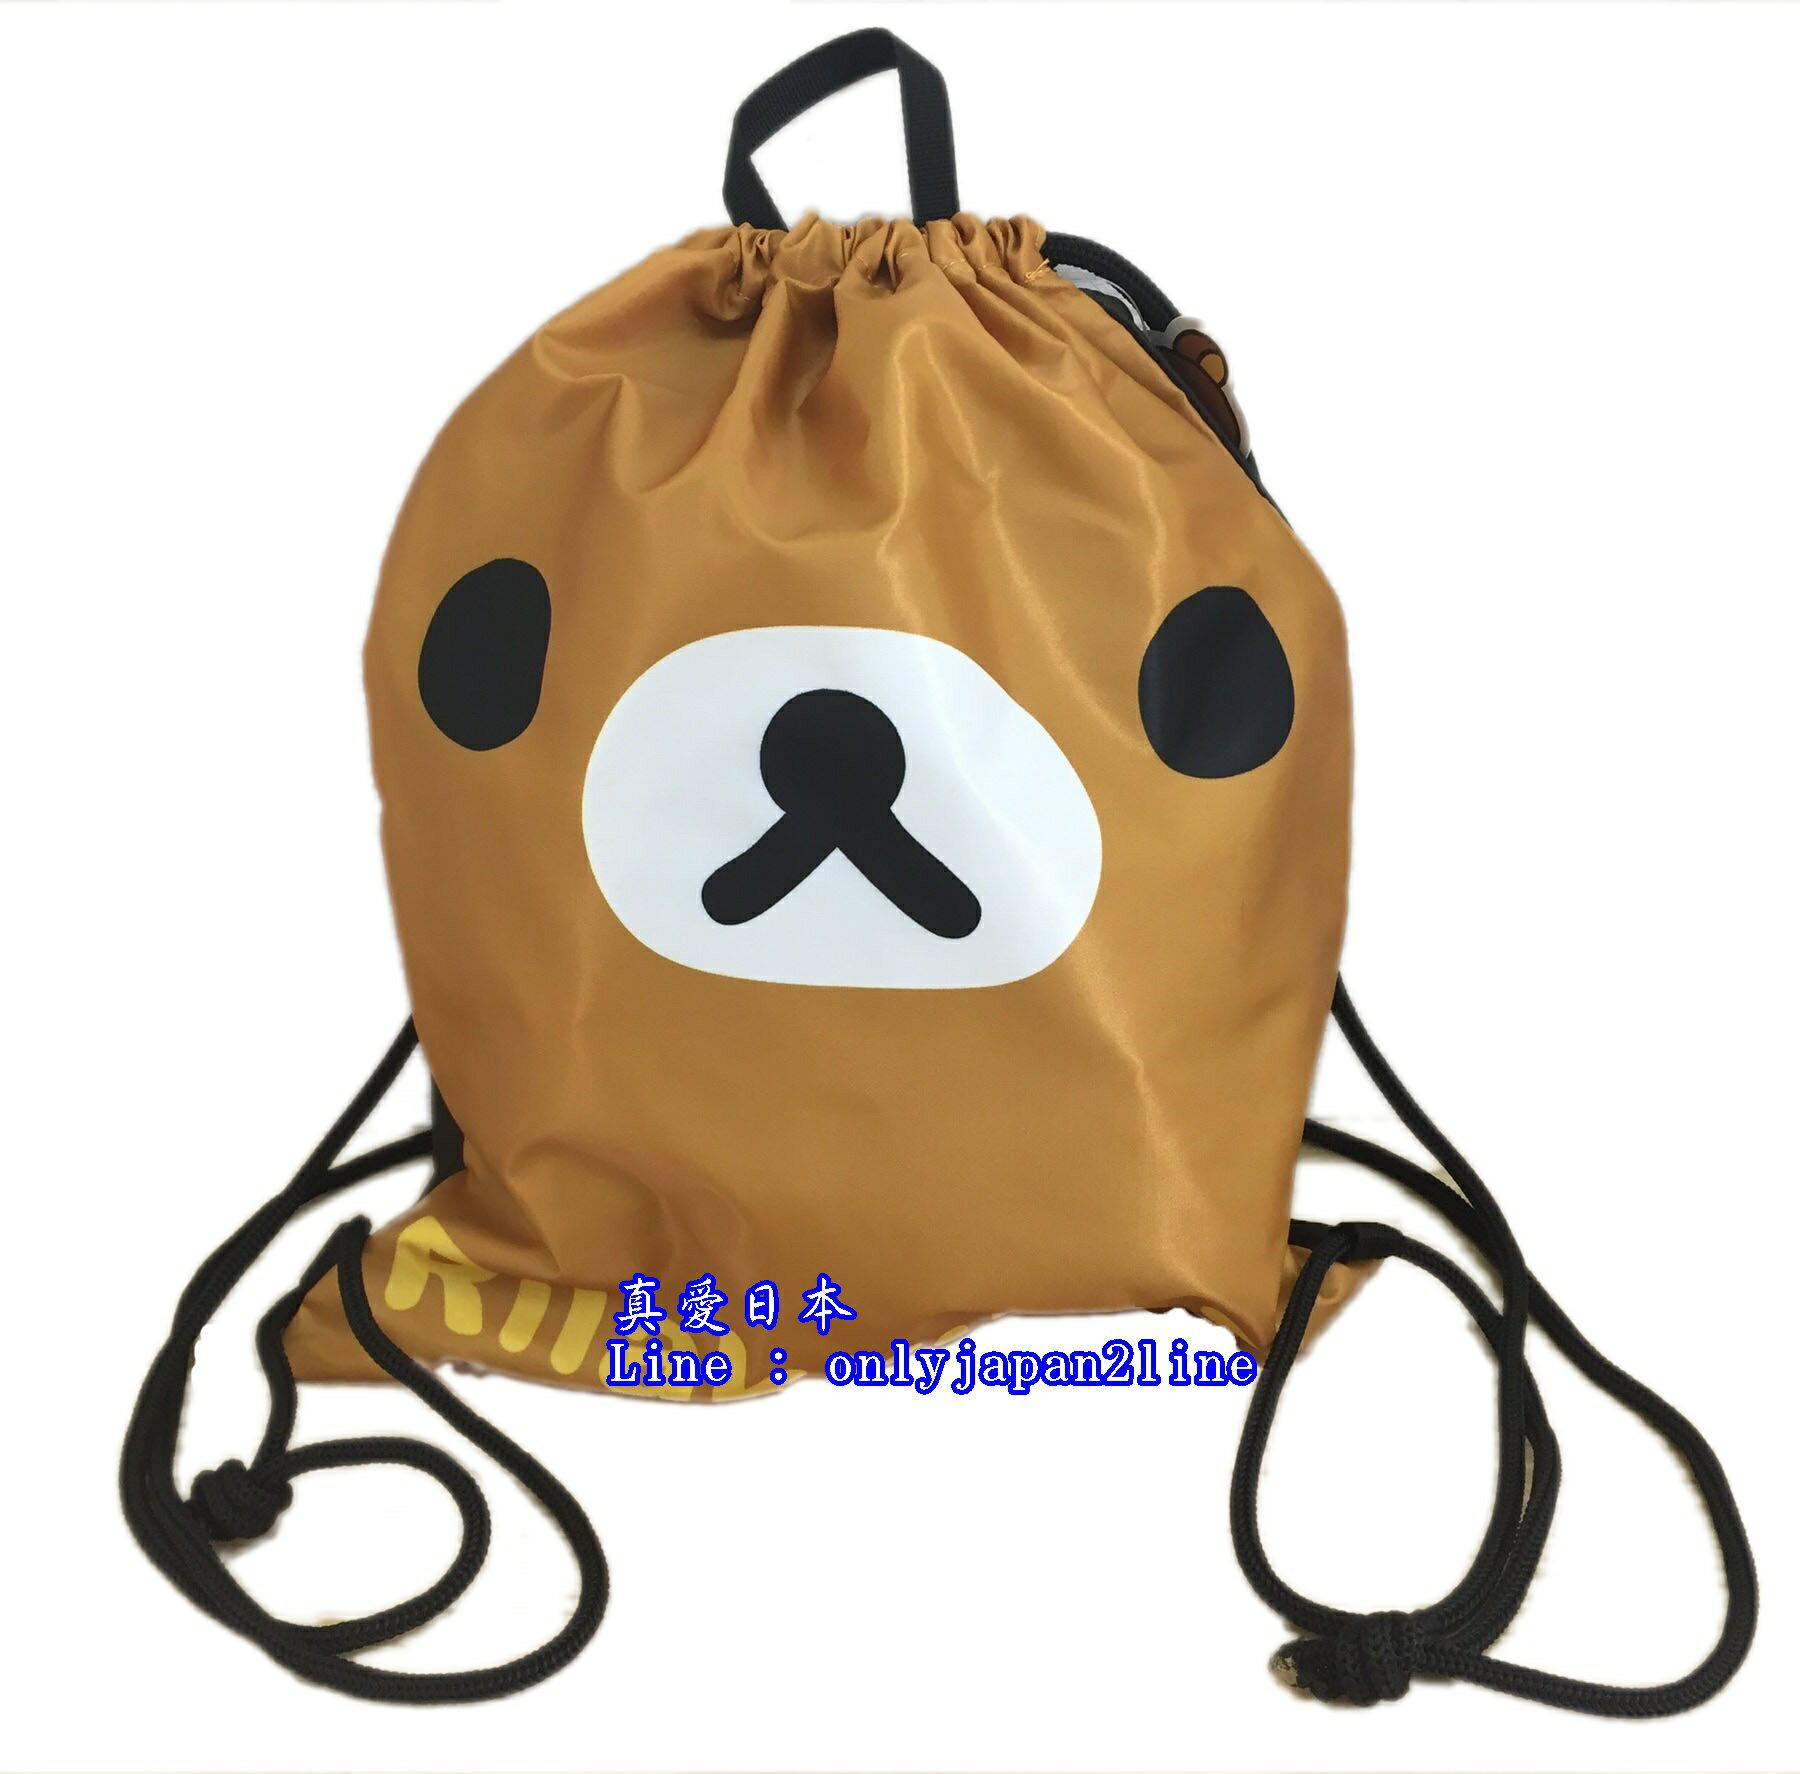 【真愛日本】16062100006束口背包-拉拉熊大臉  SAN-X 懶熊 奶妹 奶熊 拉拉熊 束口袋 收納袋 生活雜貨